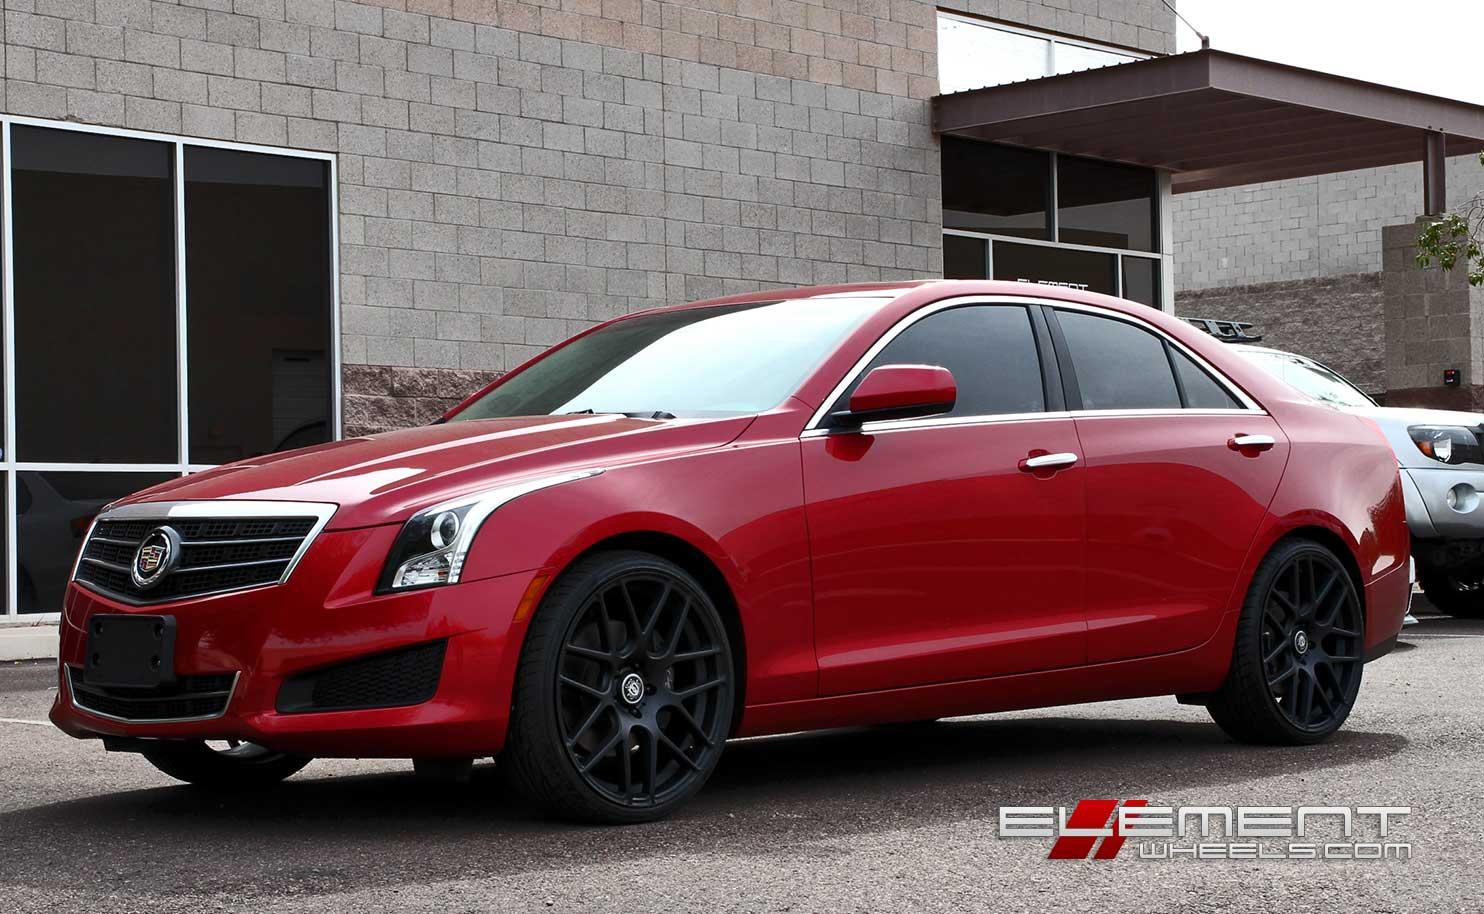 2013 Cadillac Ats 2.0t Specs | Car Reviews 2018